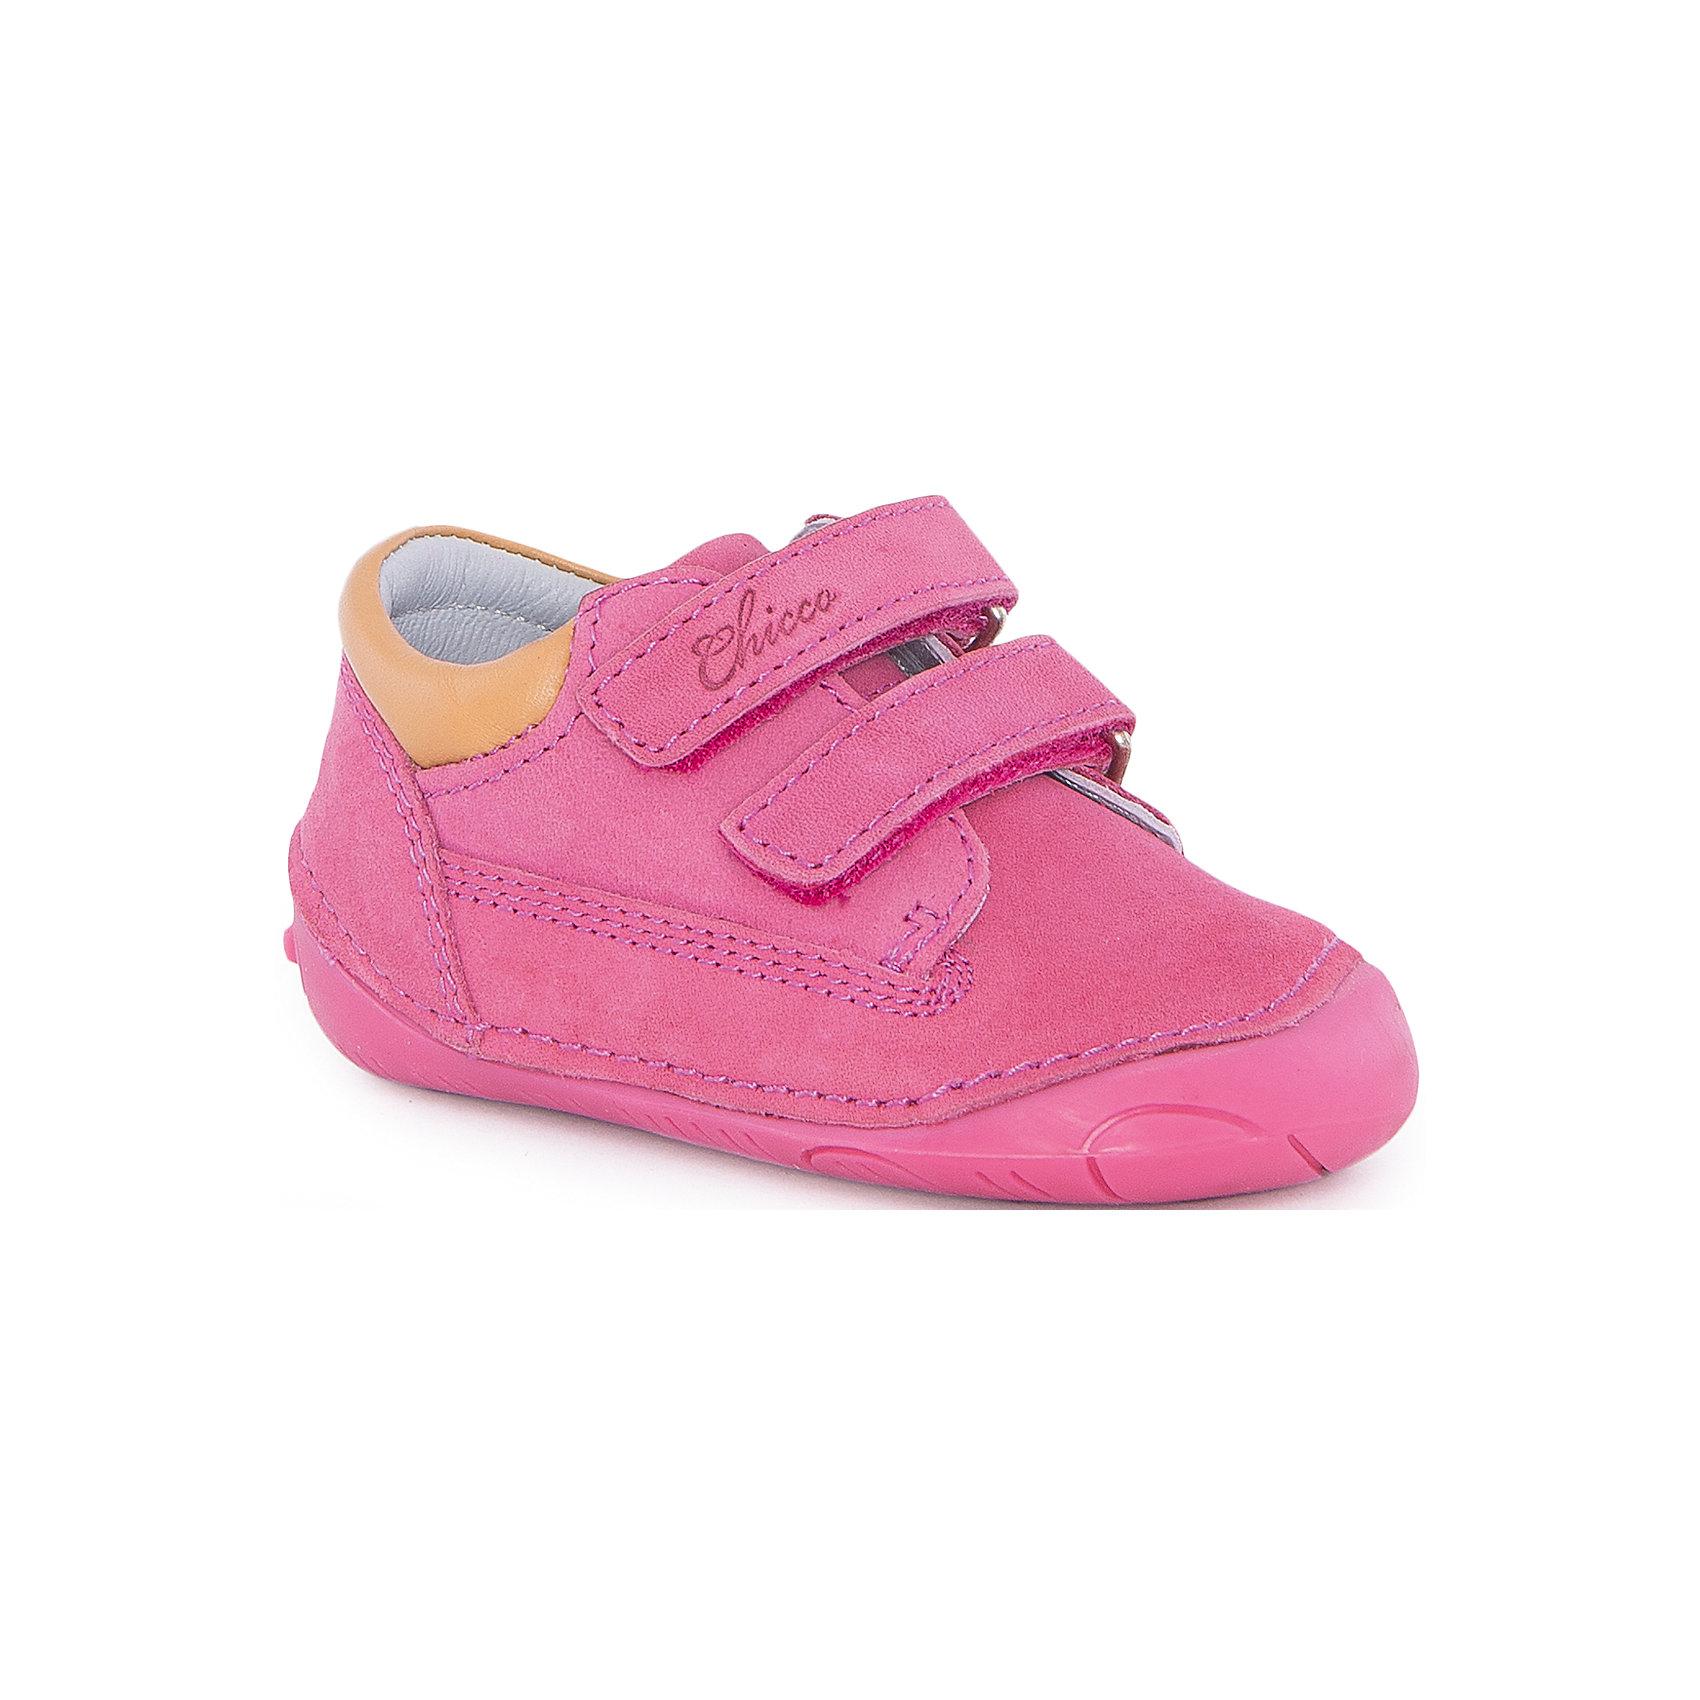 Полуботинки  для мальчика  CHICCOОбувь для малышей<br>Полуботинки для девочки CHICCO<br><br>Характеристики:<br><br>Тип застежки: липучки, 2 шт.<br>Тип обуви: спортивные<br>Особенности обуви: усиленный носок<br>Декоративные элементы: контрастный задник<br>Цвет: фуксия<br><br>Материал: 100% кожа<br><br>Полуботинки для девочки CHICCO можно купить в нашем интернет-магазине.<br><br>Ширина мм: 262<br>Глубина мм: 176<br>Высота мм: 97<br>Вес г: 427<br>Цвет: фуксия<br>Возраст от месяцев: 6<br>Возраст до месяцев: 9<br>Пол: Женский<br>Возраст: Детский<br>Размер: 21,19,20<br>SKU: 5082843